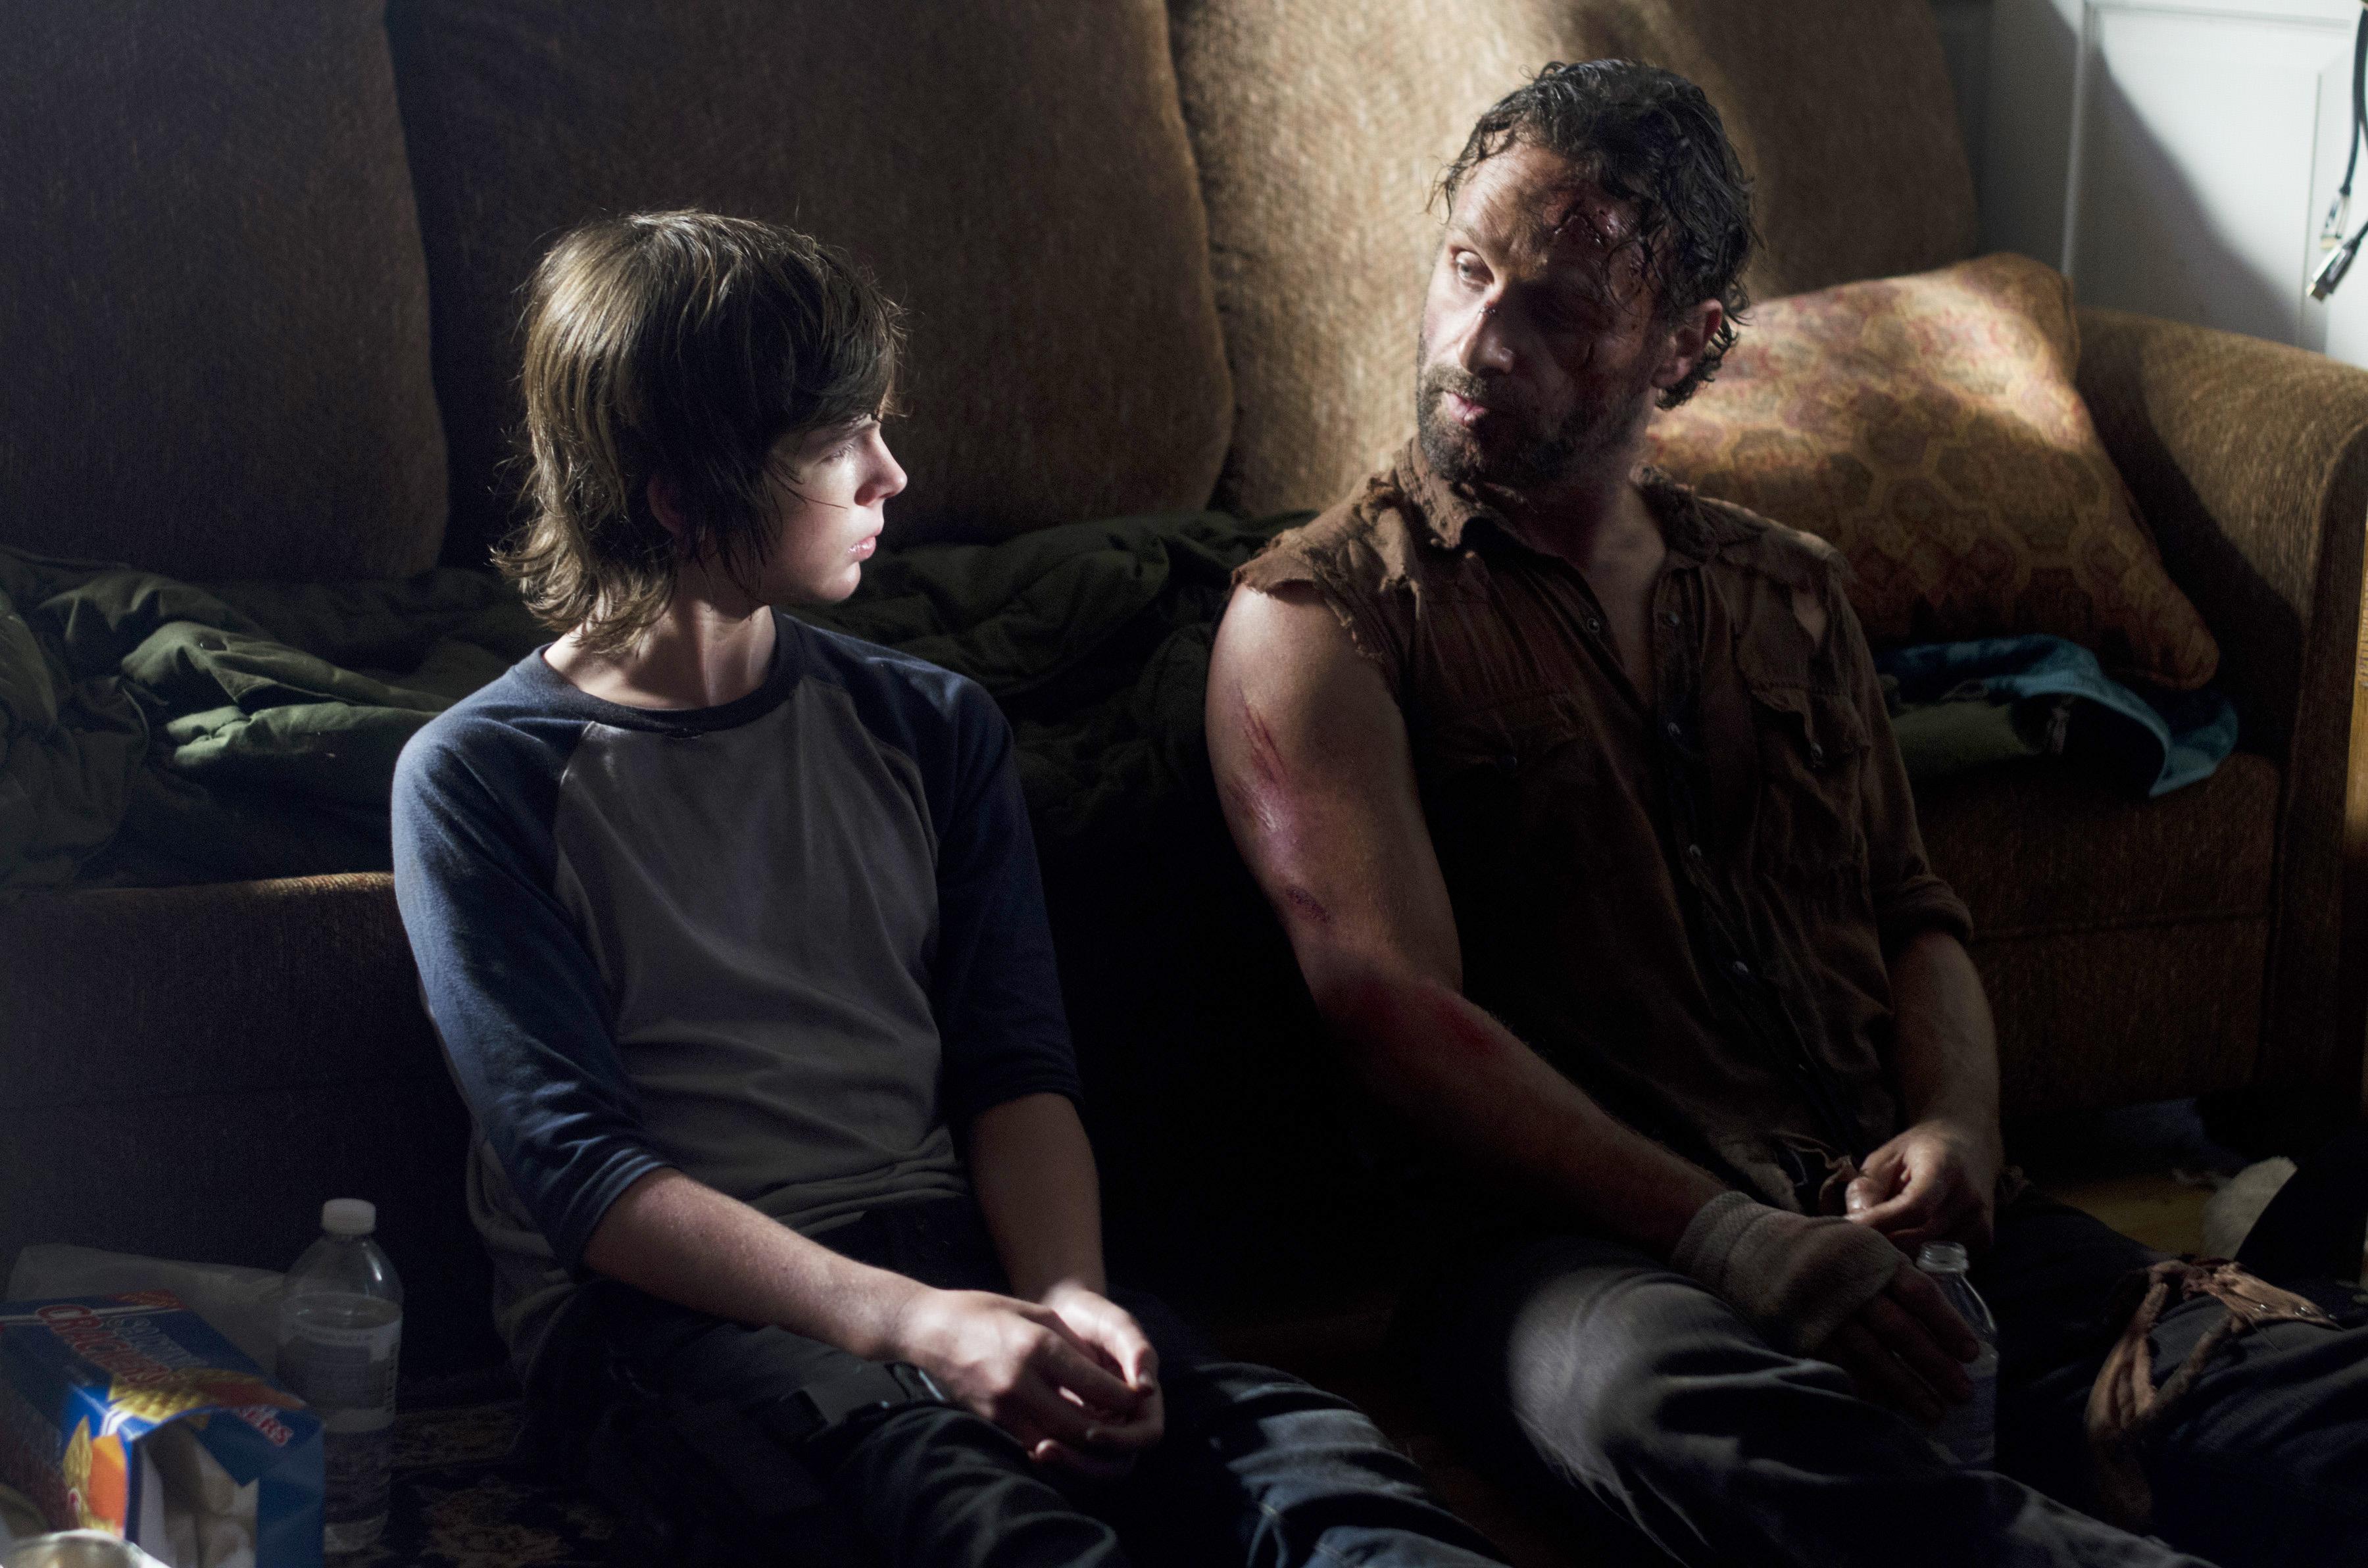 File:Rick-carl-the-walking-dead-season-4-episode.jpg